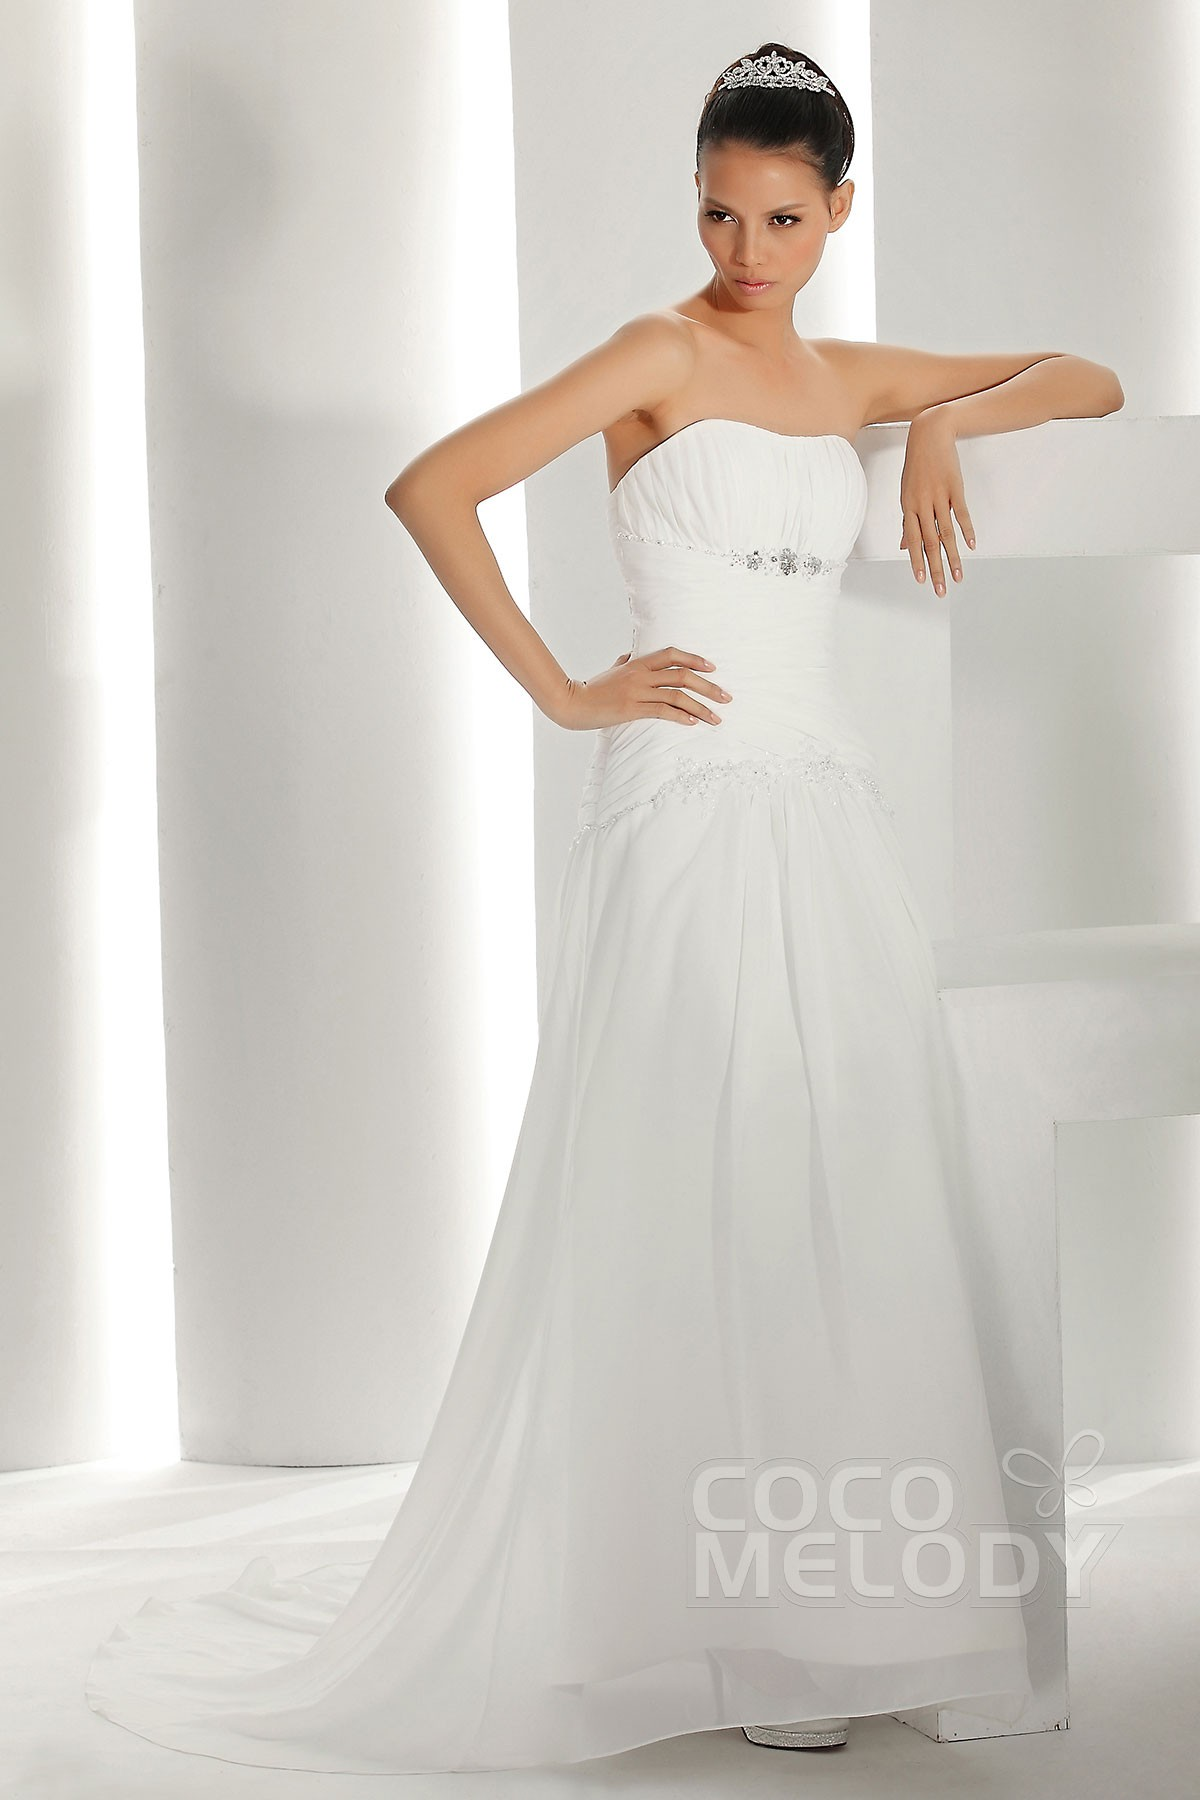 Sheath-Column Train Chiffon Wedding Dress CWLT130A5 | Cocomelody